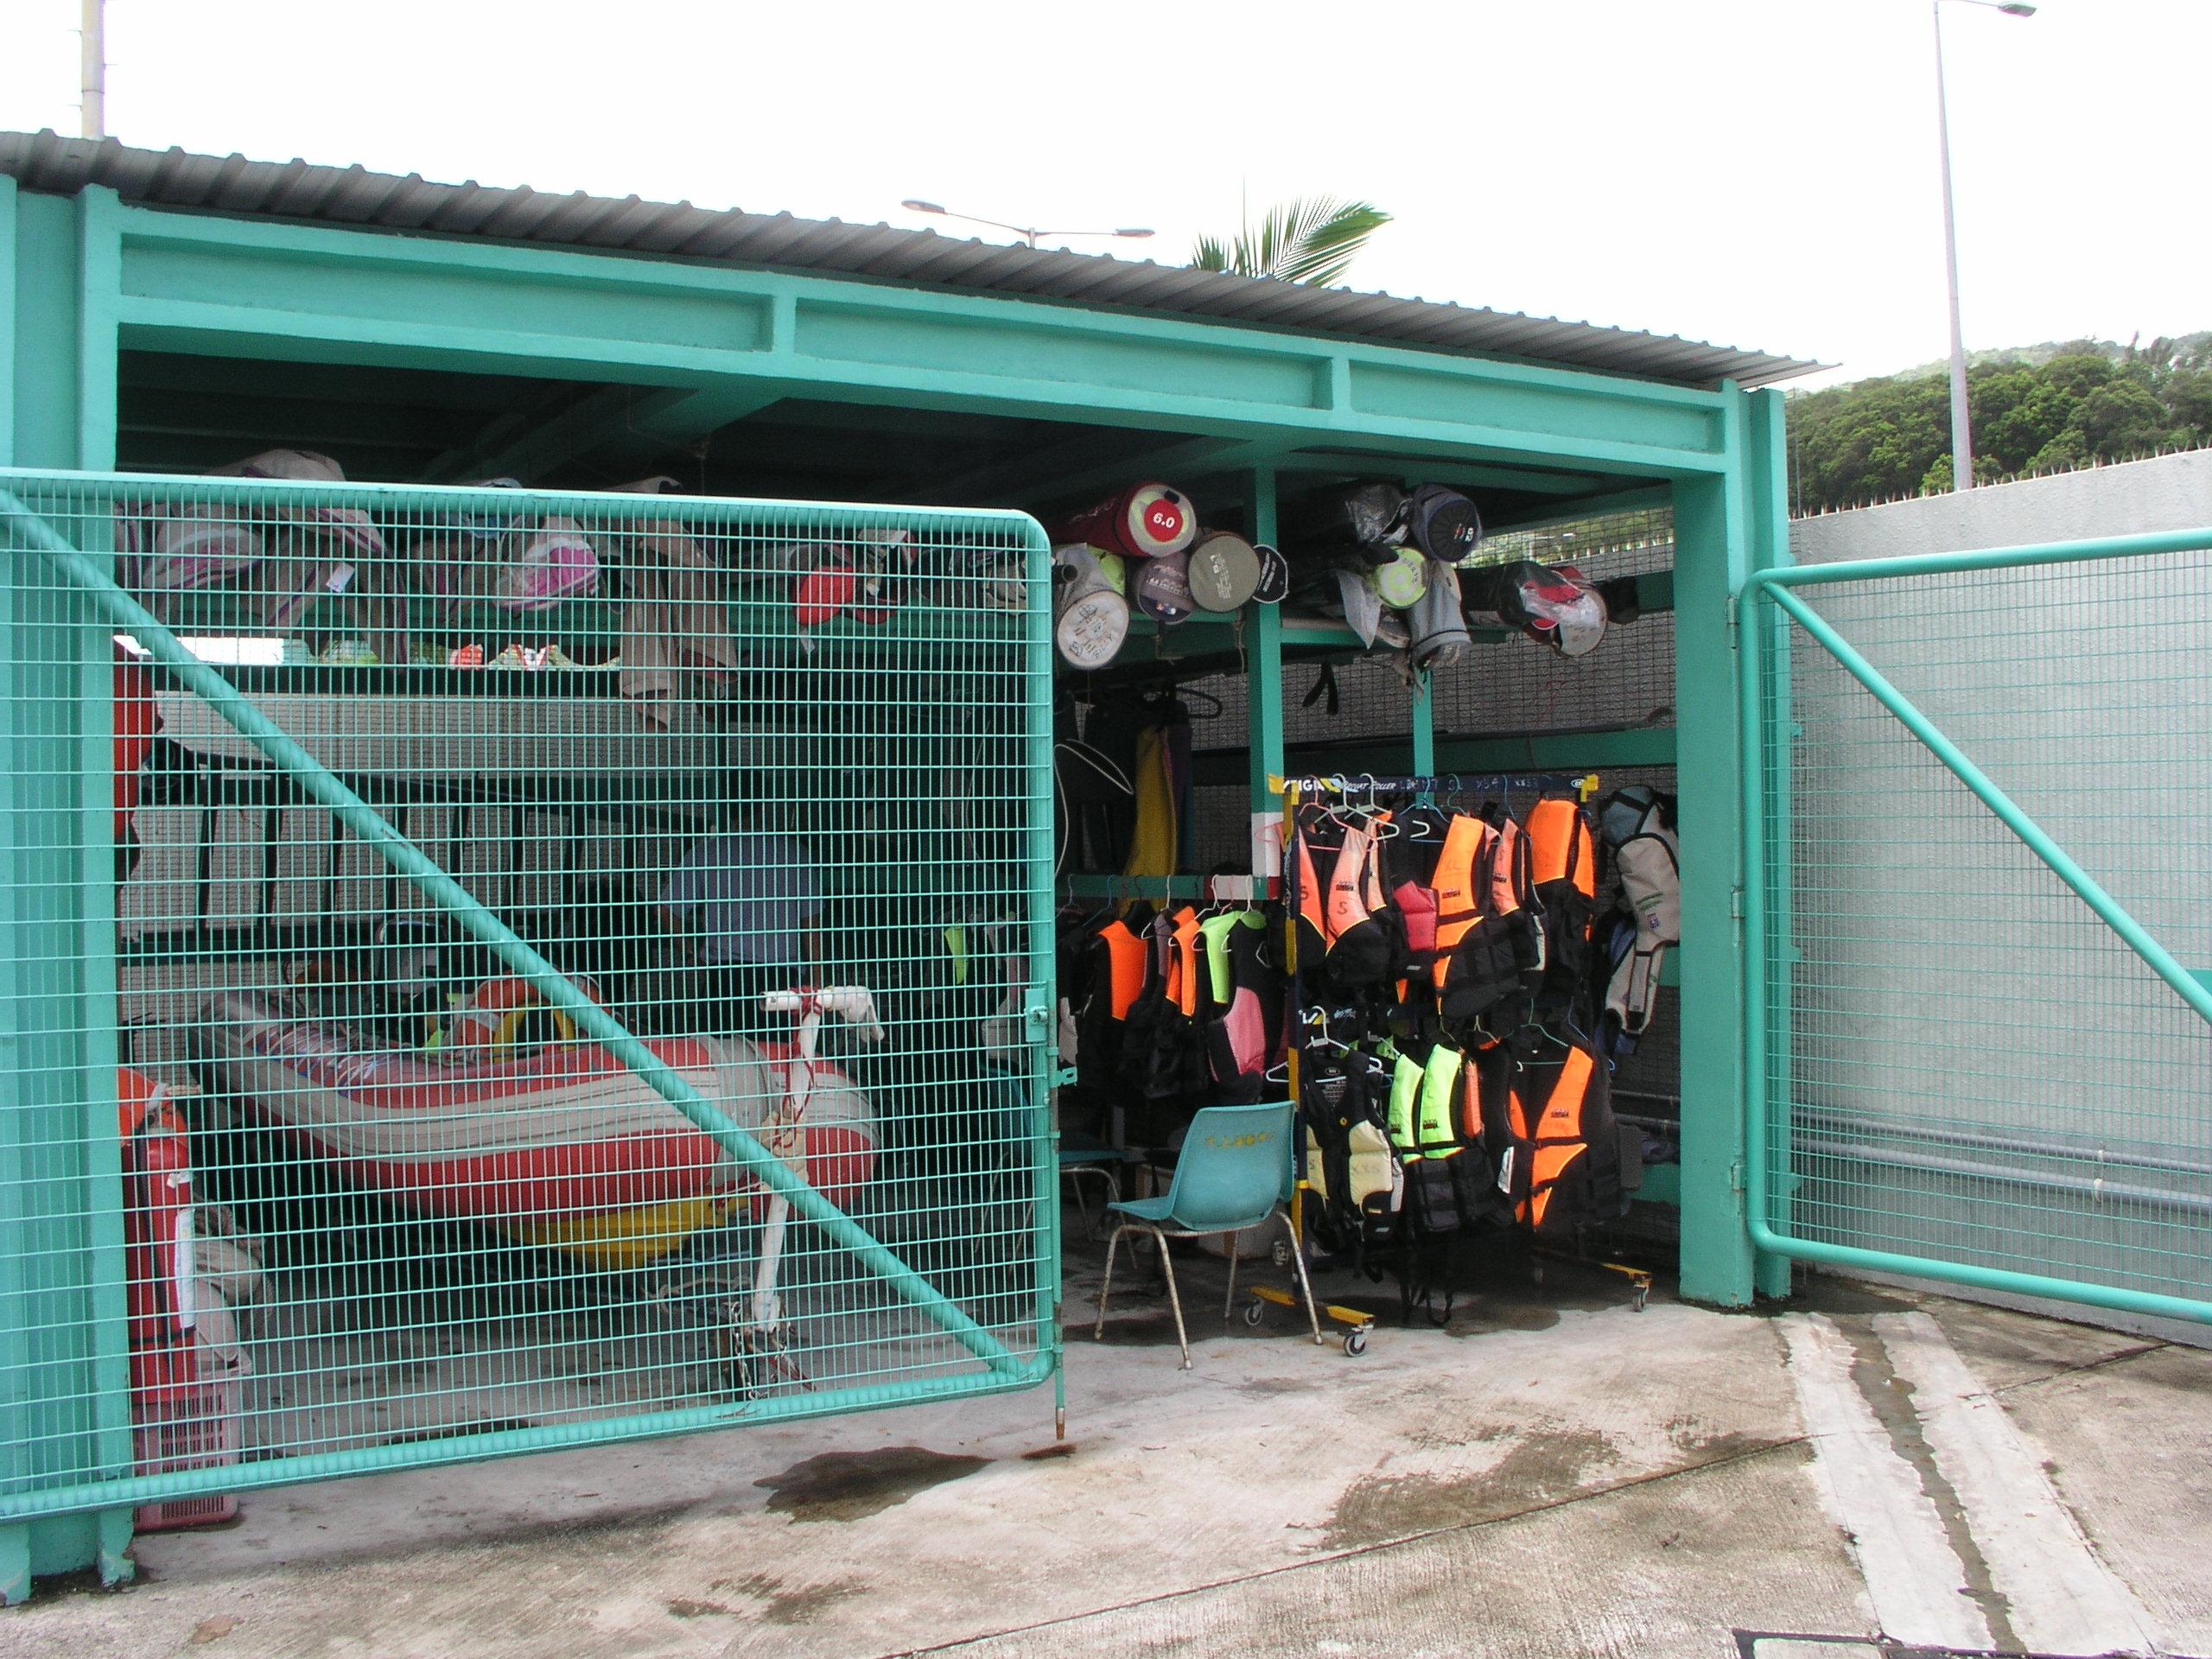 boathut life jackets